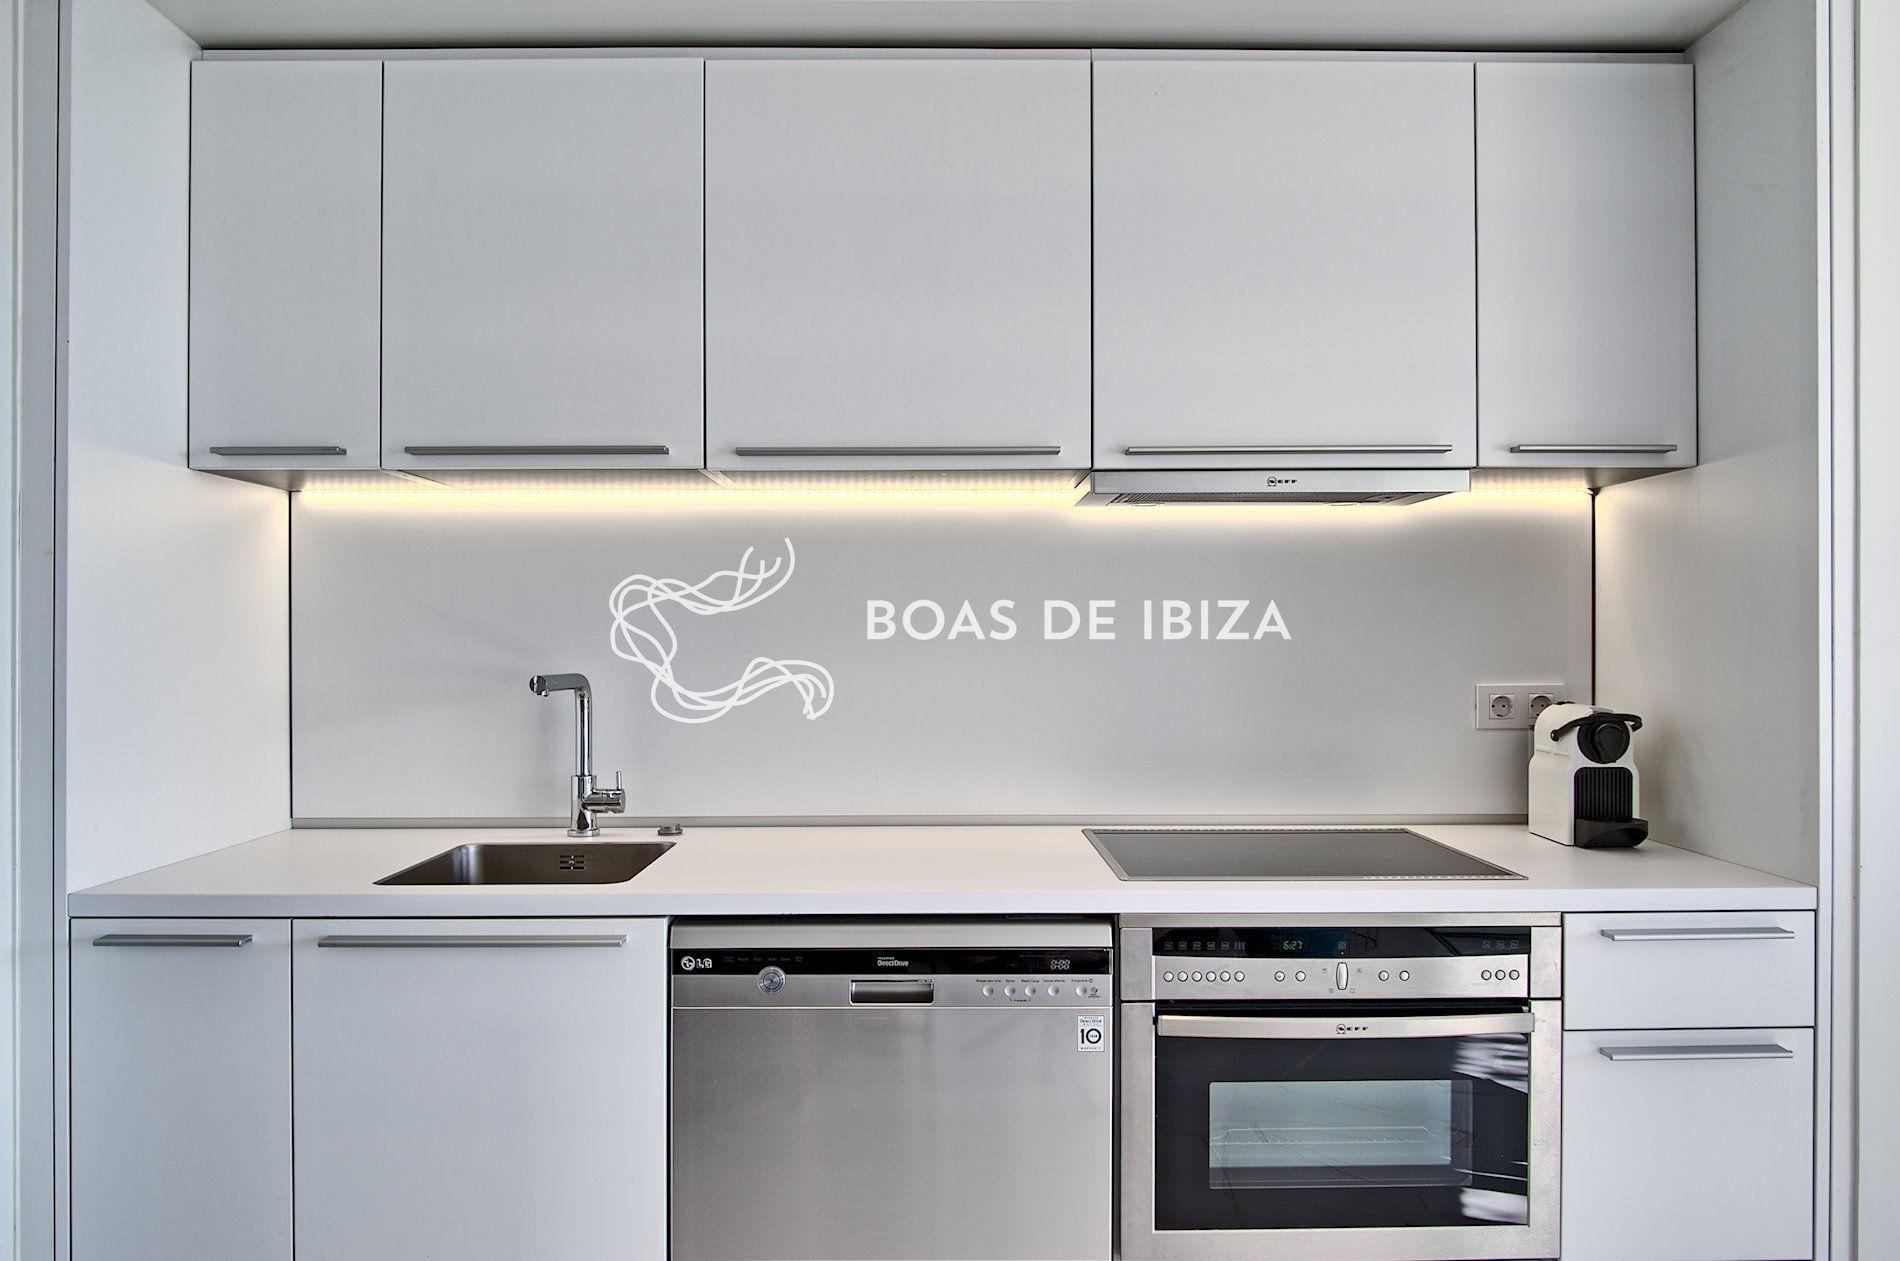 Cocinas 6 metros cuadrados bonito apartamento en venta en for Cocina 6 metros cuadrados